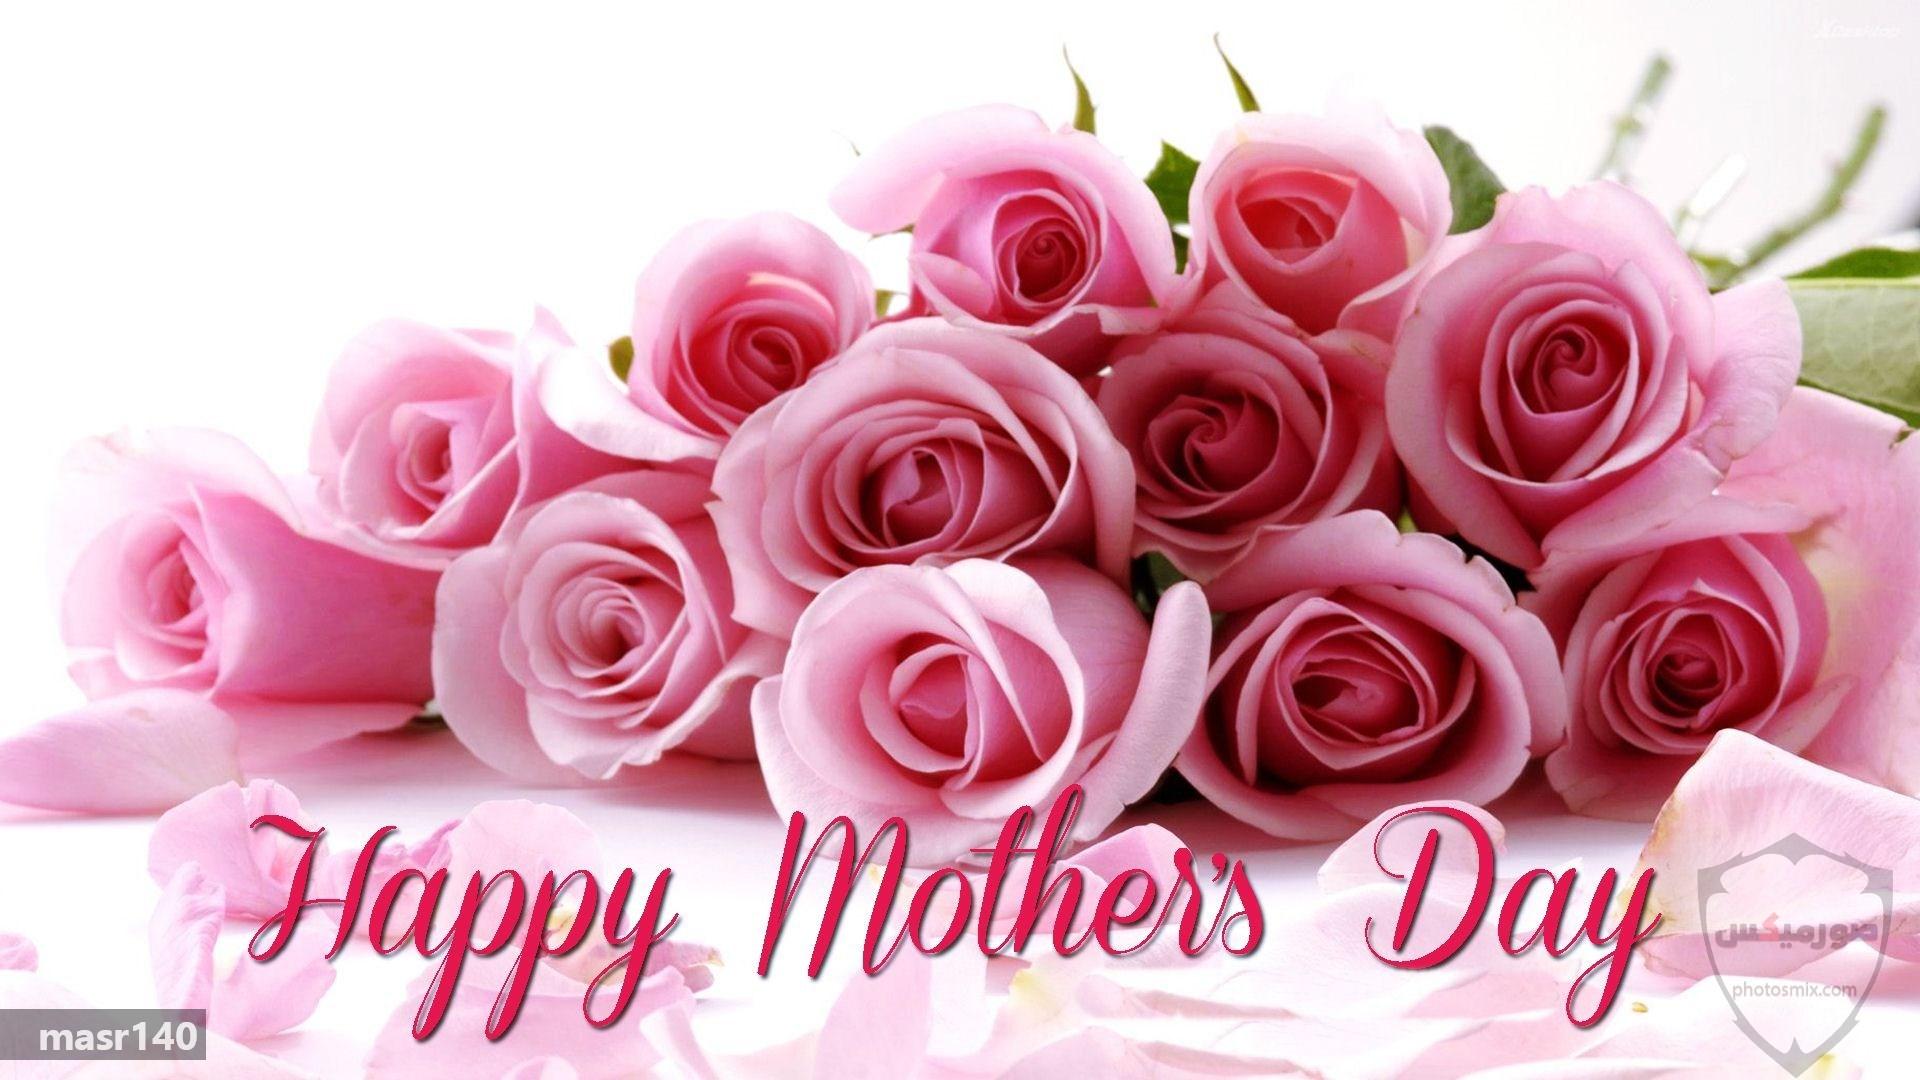 صور عيد الام 2020 أشعار عن الأم يوم الأم رمزيات عن الأم Mother Day 30